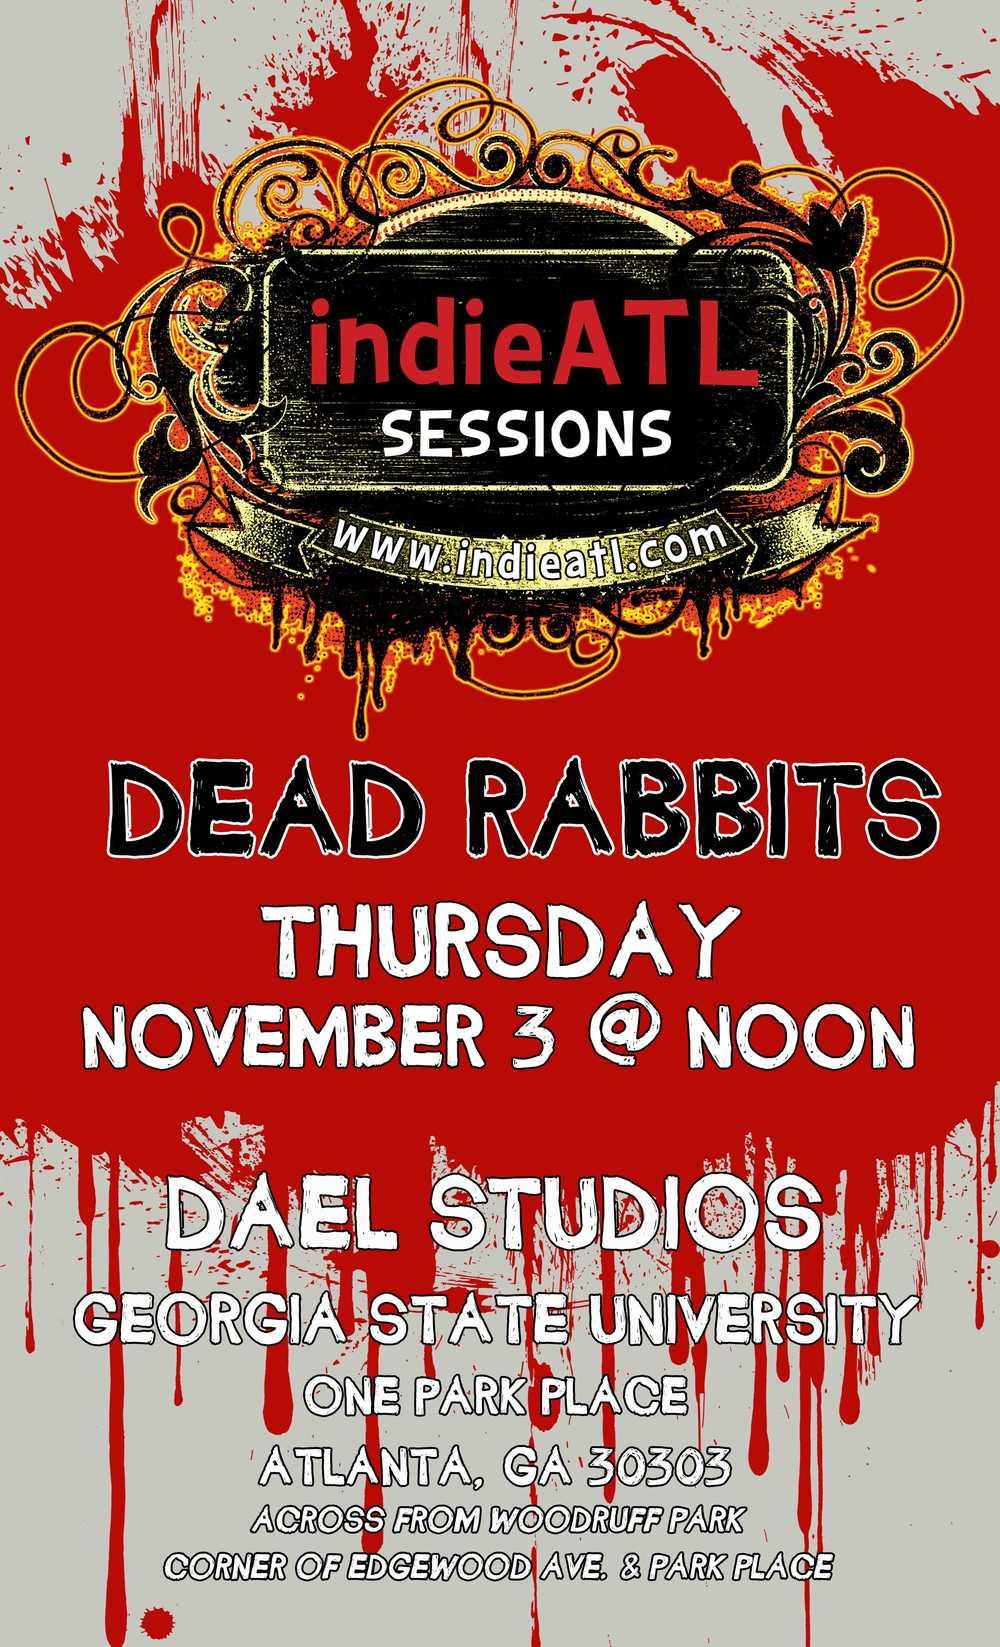 indieATL_Deadrabbits_small